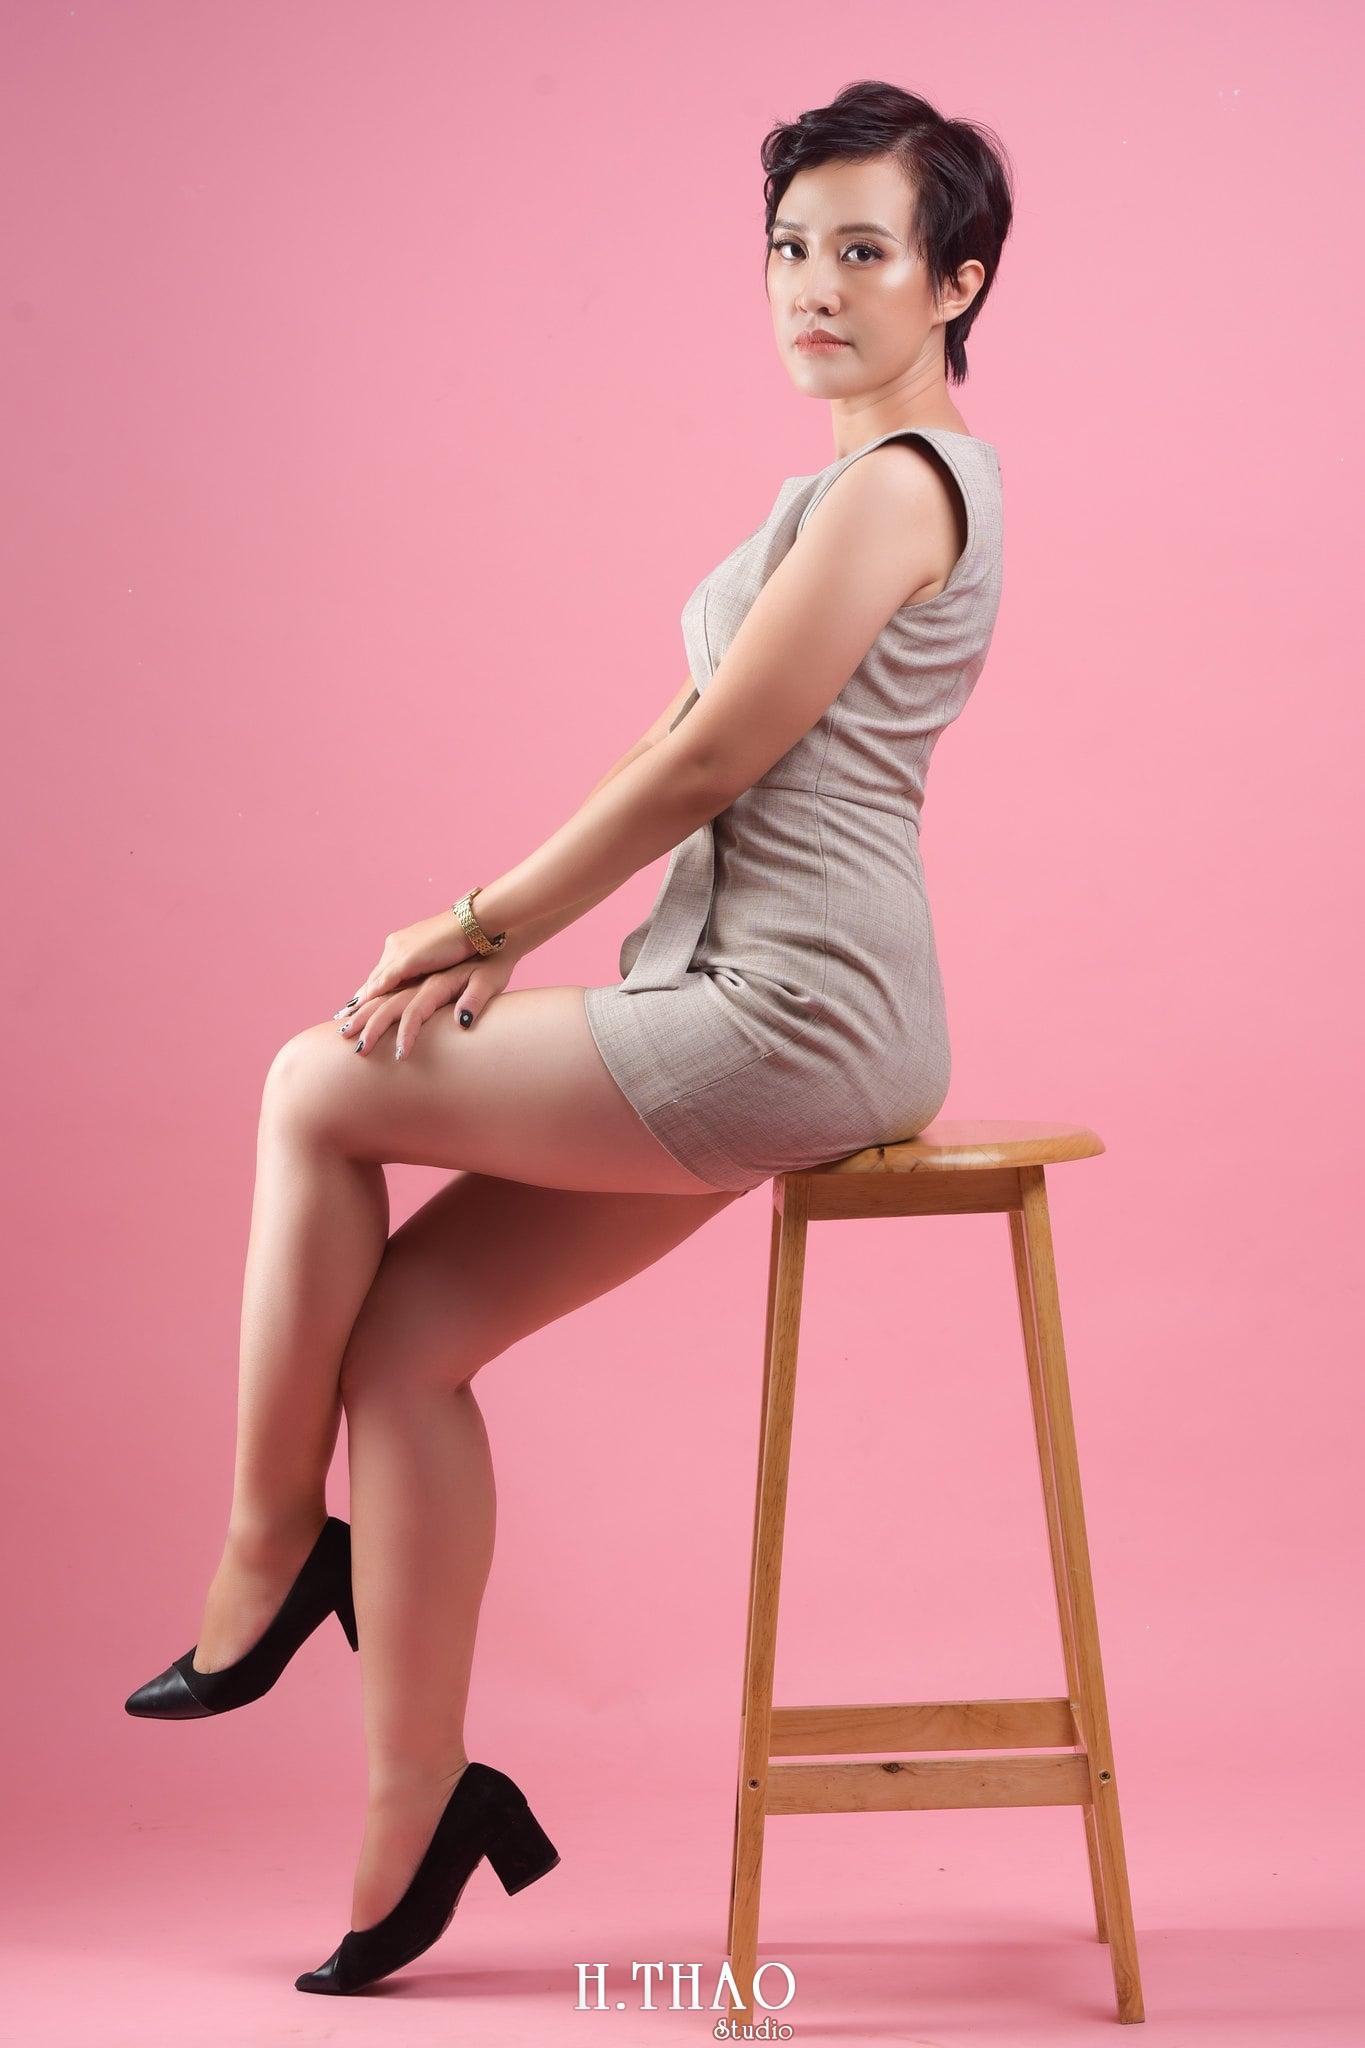 Chi Kim Chi 15 min - Album nữ doanh nhân cá tính Kim Chi nét đẹp lai tây - HThao Studio